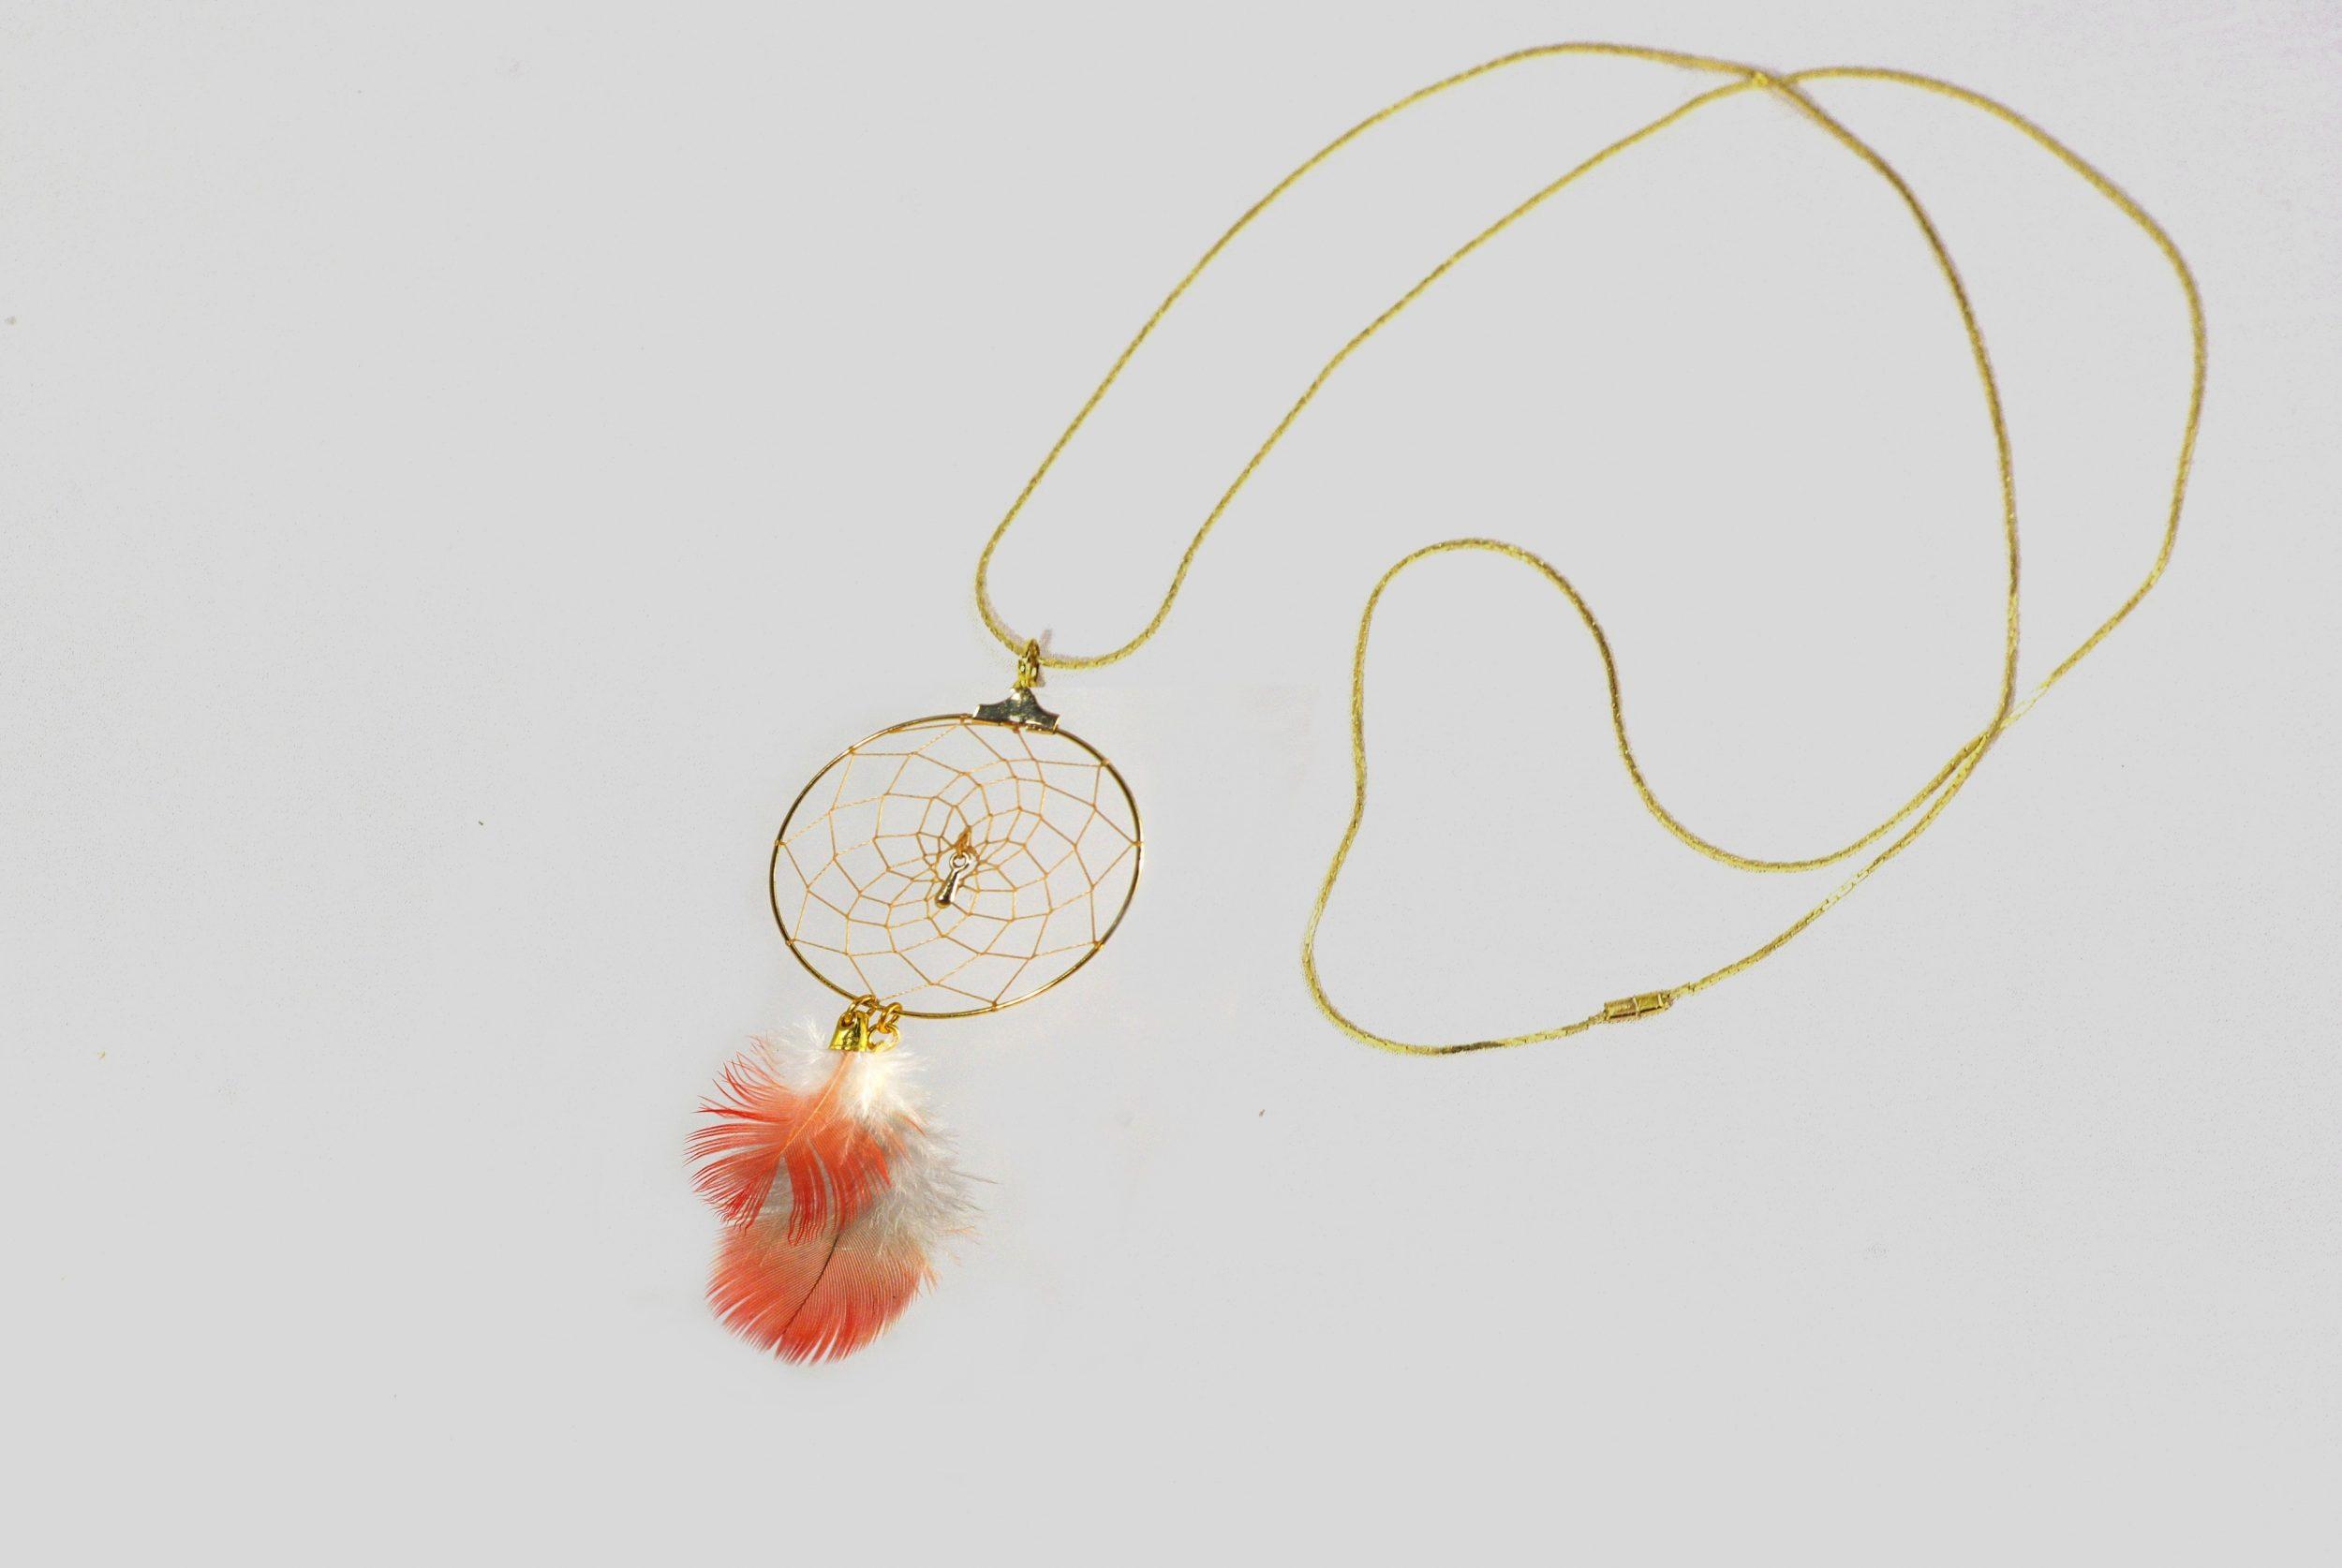 sautoir Rêves, dreamcatcher doré et plumes rouges, chaîne dorée, vue d'ensemble